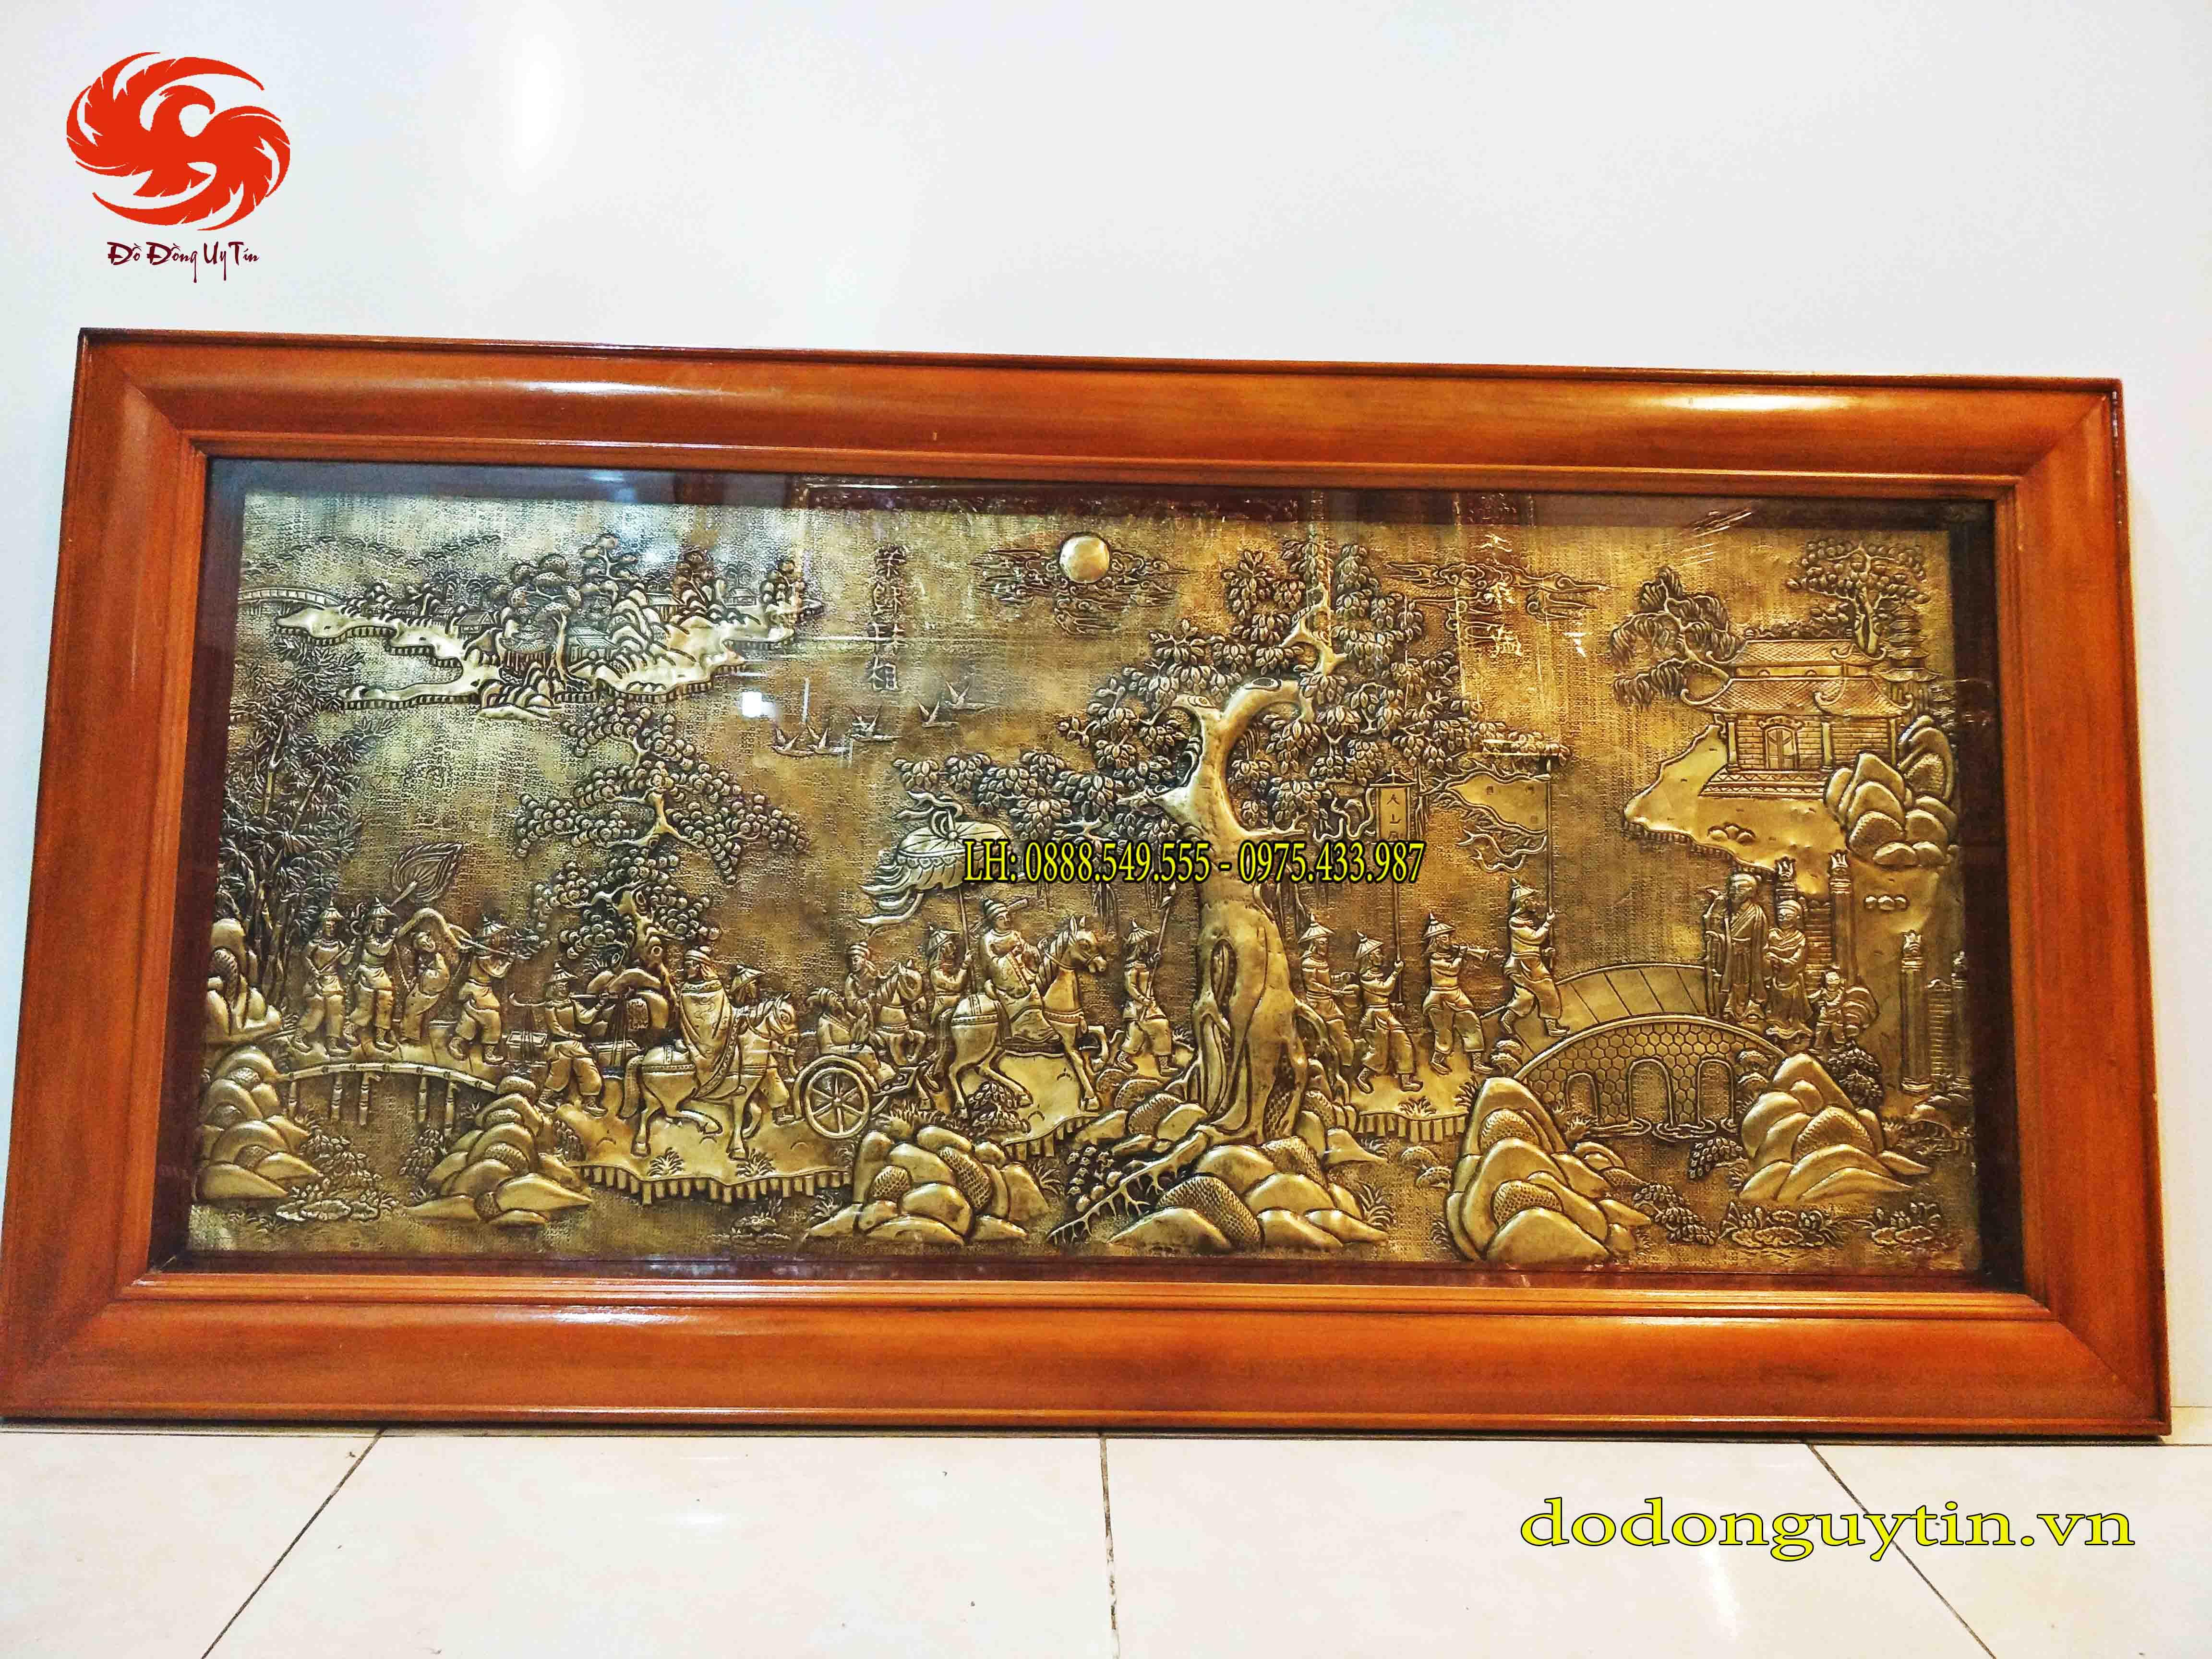 Tranh đồng Vinh quy bái tổ đồng vàng 90cm x 1m70